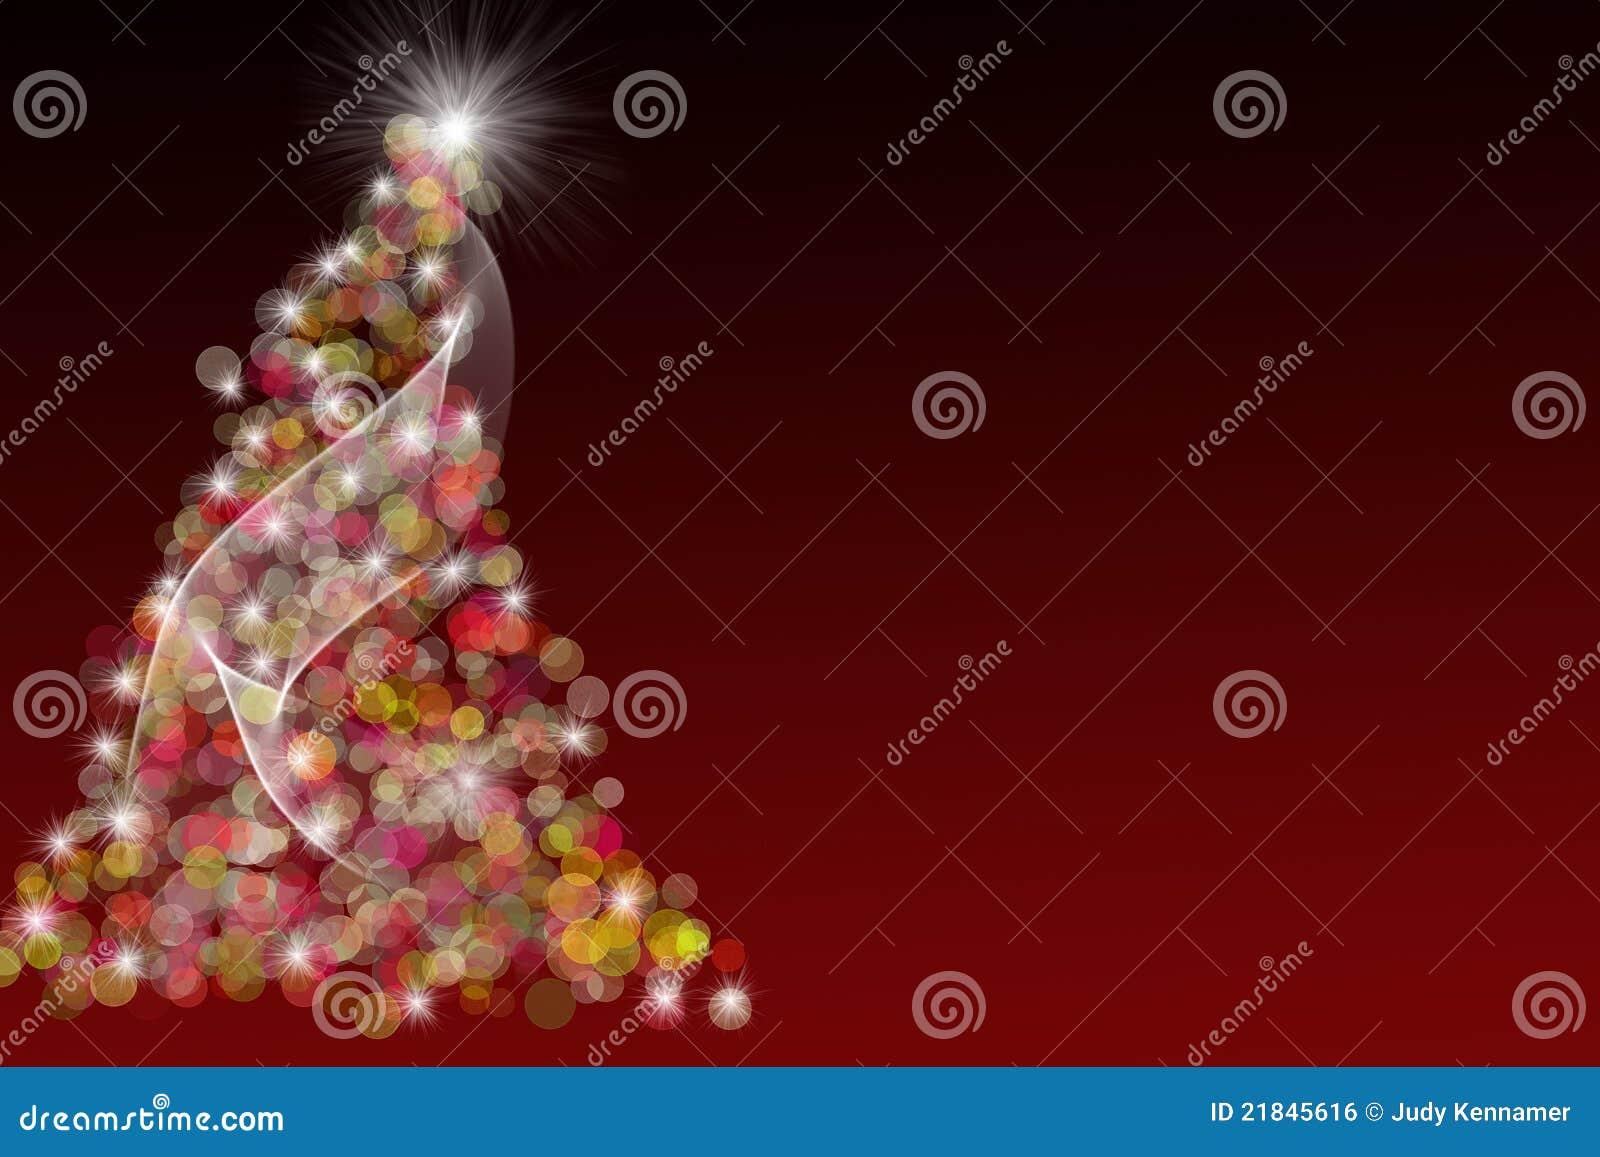 Rote Weihnachtsbaum-Abbildung